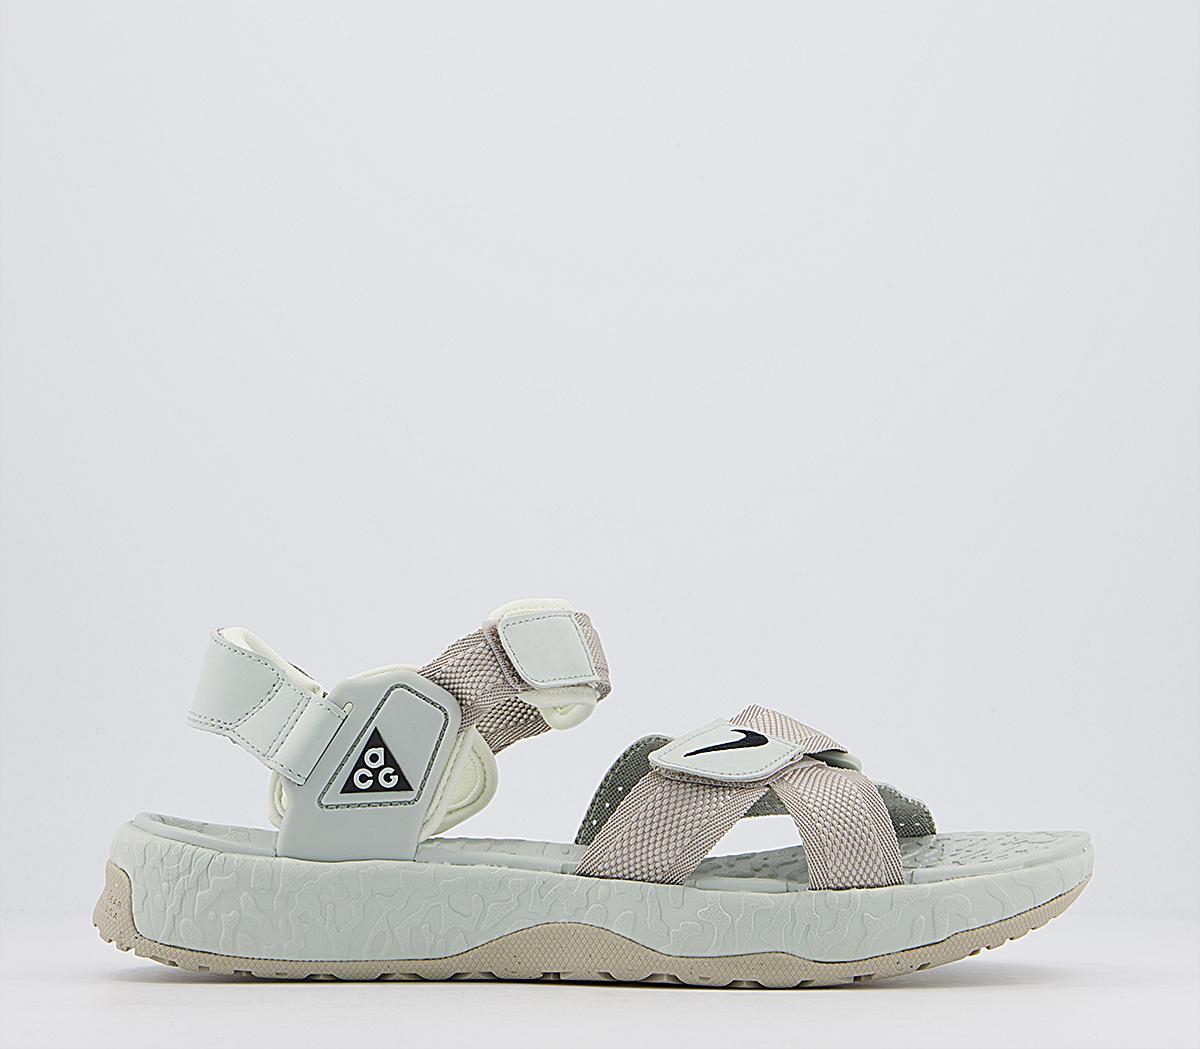 Acg Air Deschutz Sandals